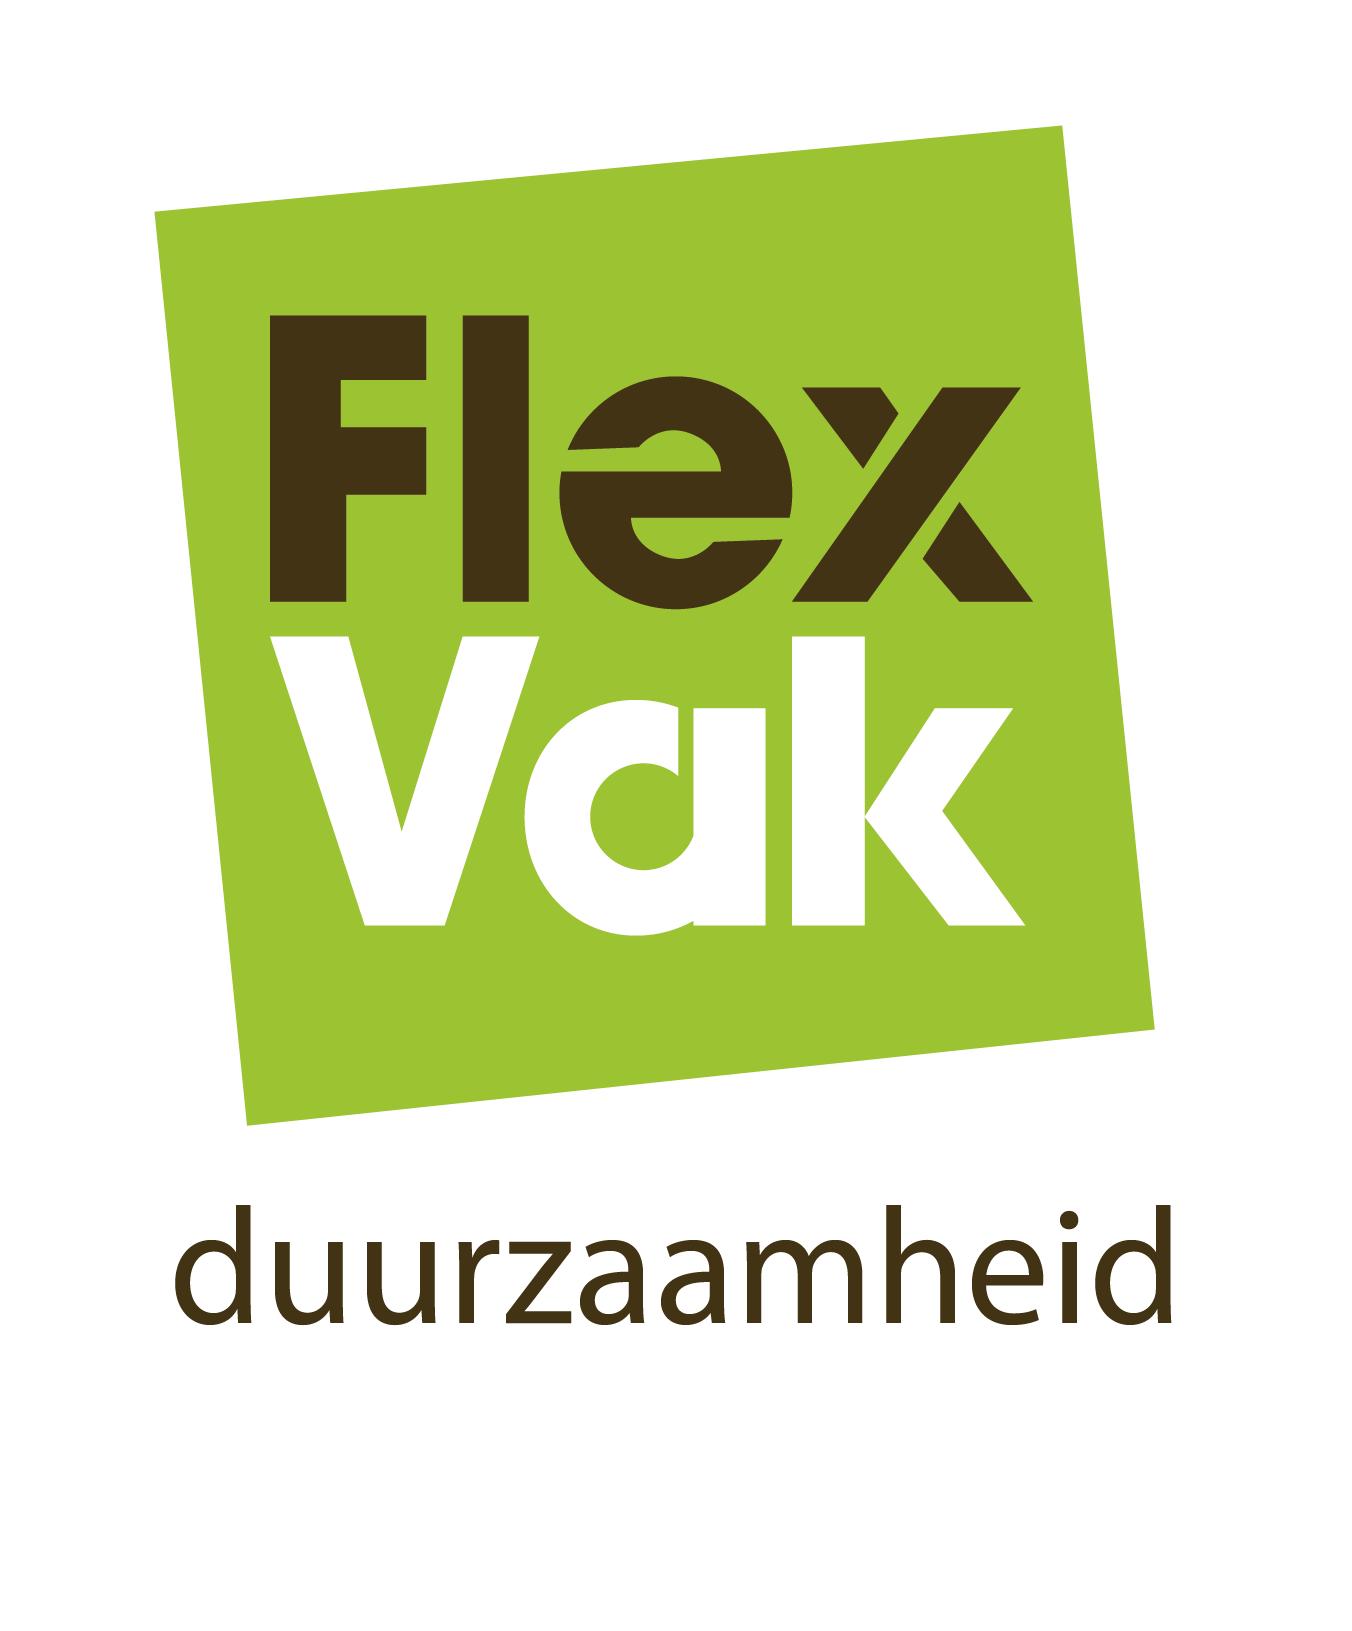 Logo duurzaamheid